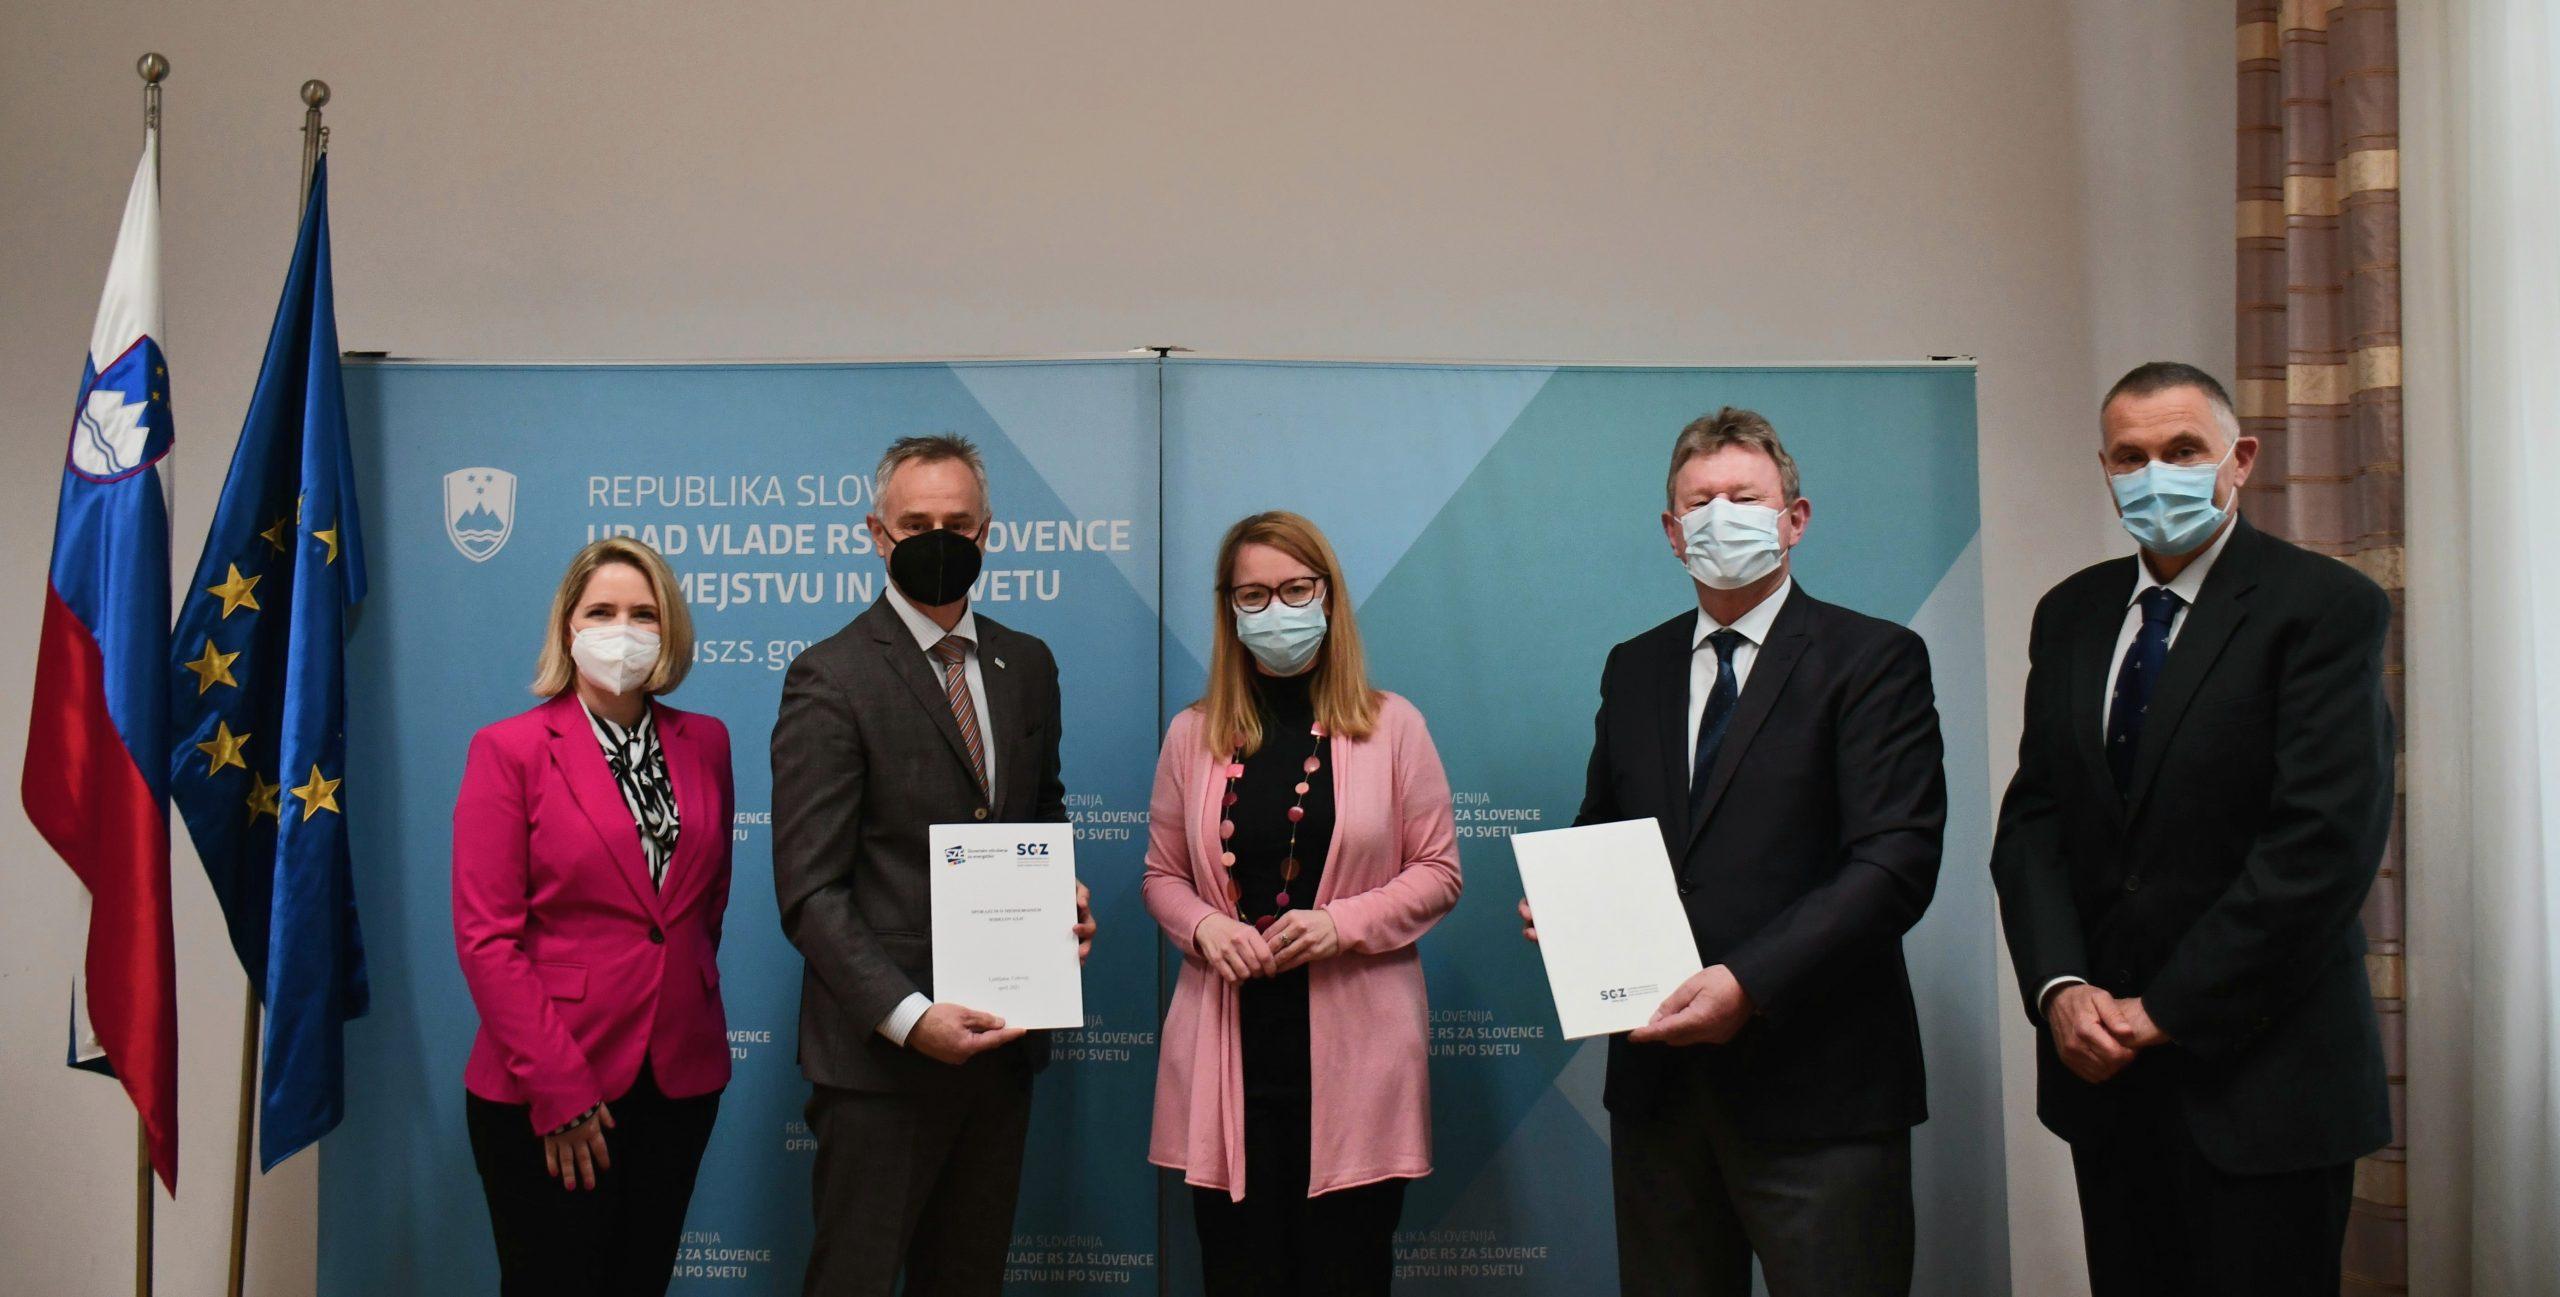 Ministrica dr. Jaklitsch, predsednika obeh podpisnikov in sodelavci.